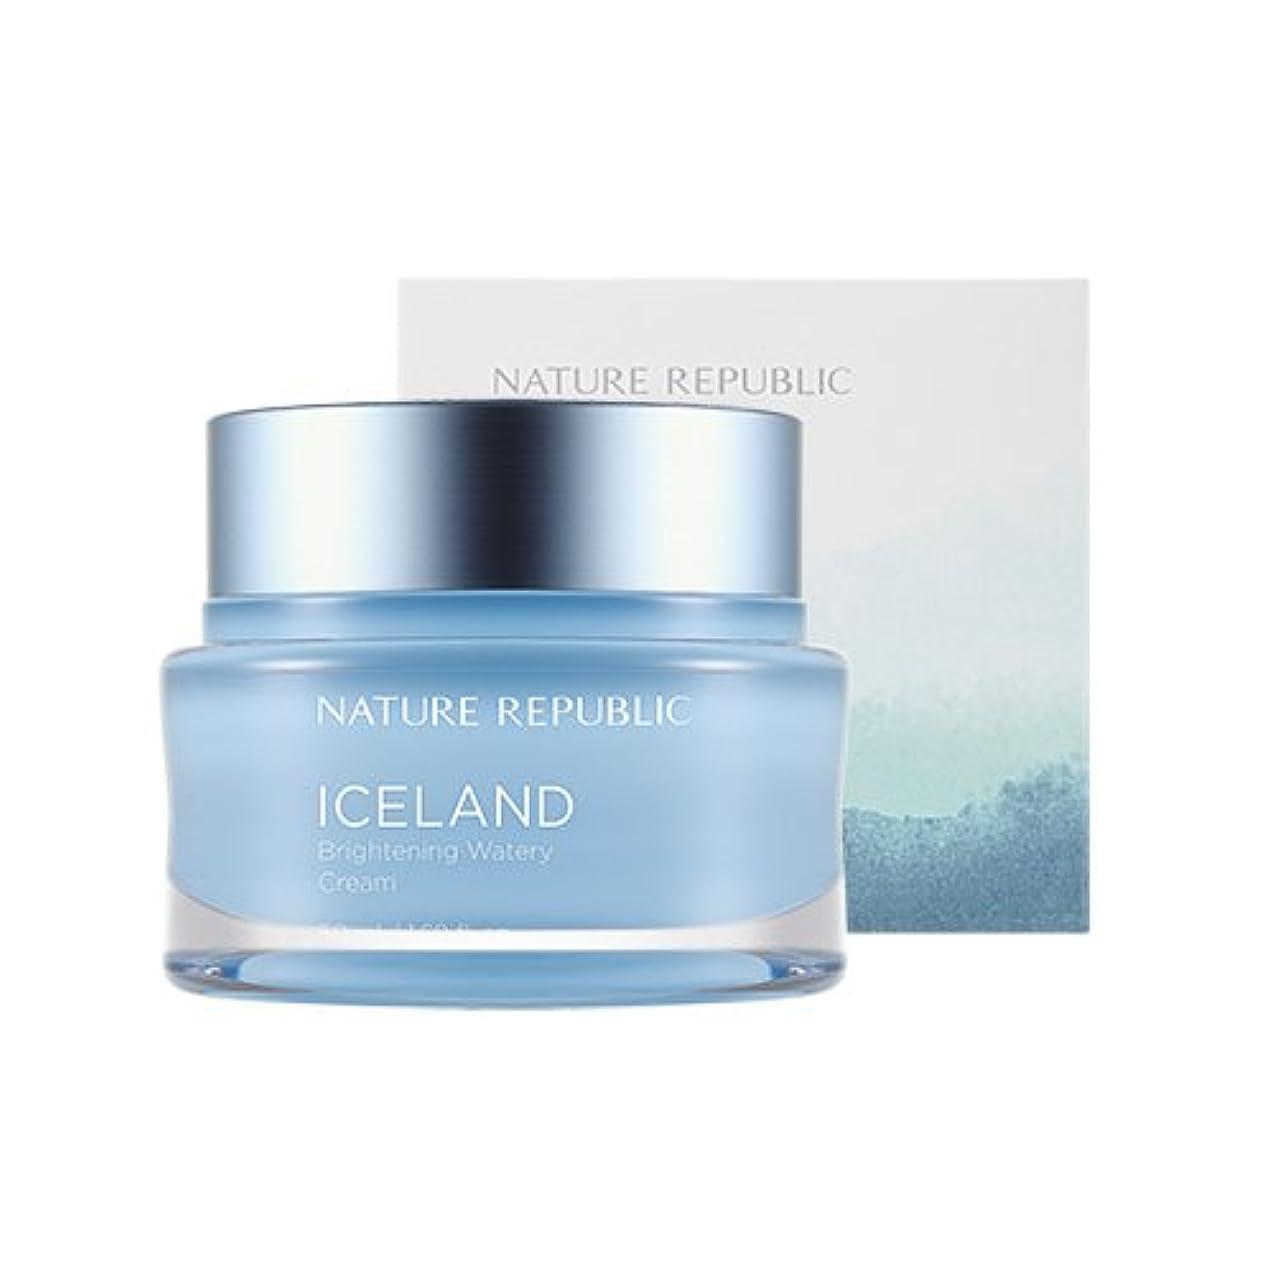 打撃抗議風が強いNature Republic Iceland Brightening Watery Cream 50ml / ネイチャーリパブリック アイスランドランドブライトニング水分クリーム 50ml [並行輸入品]